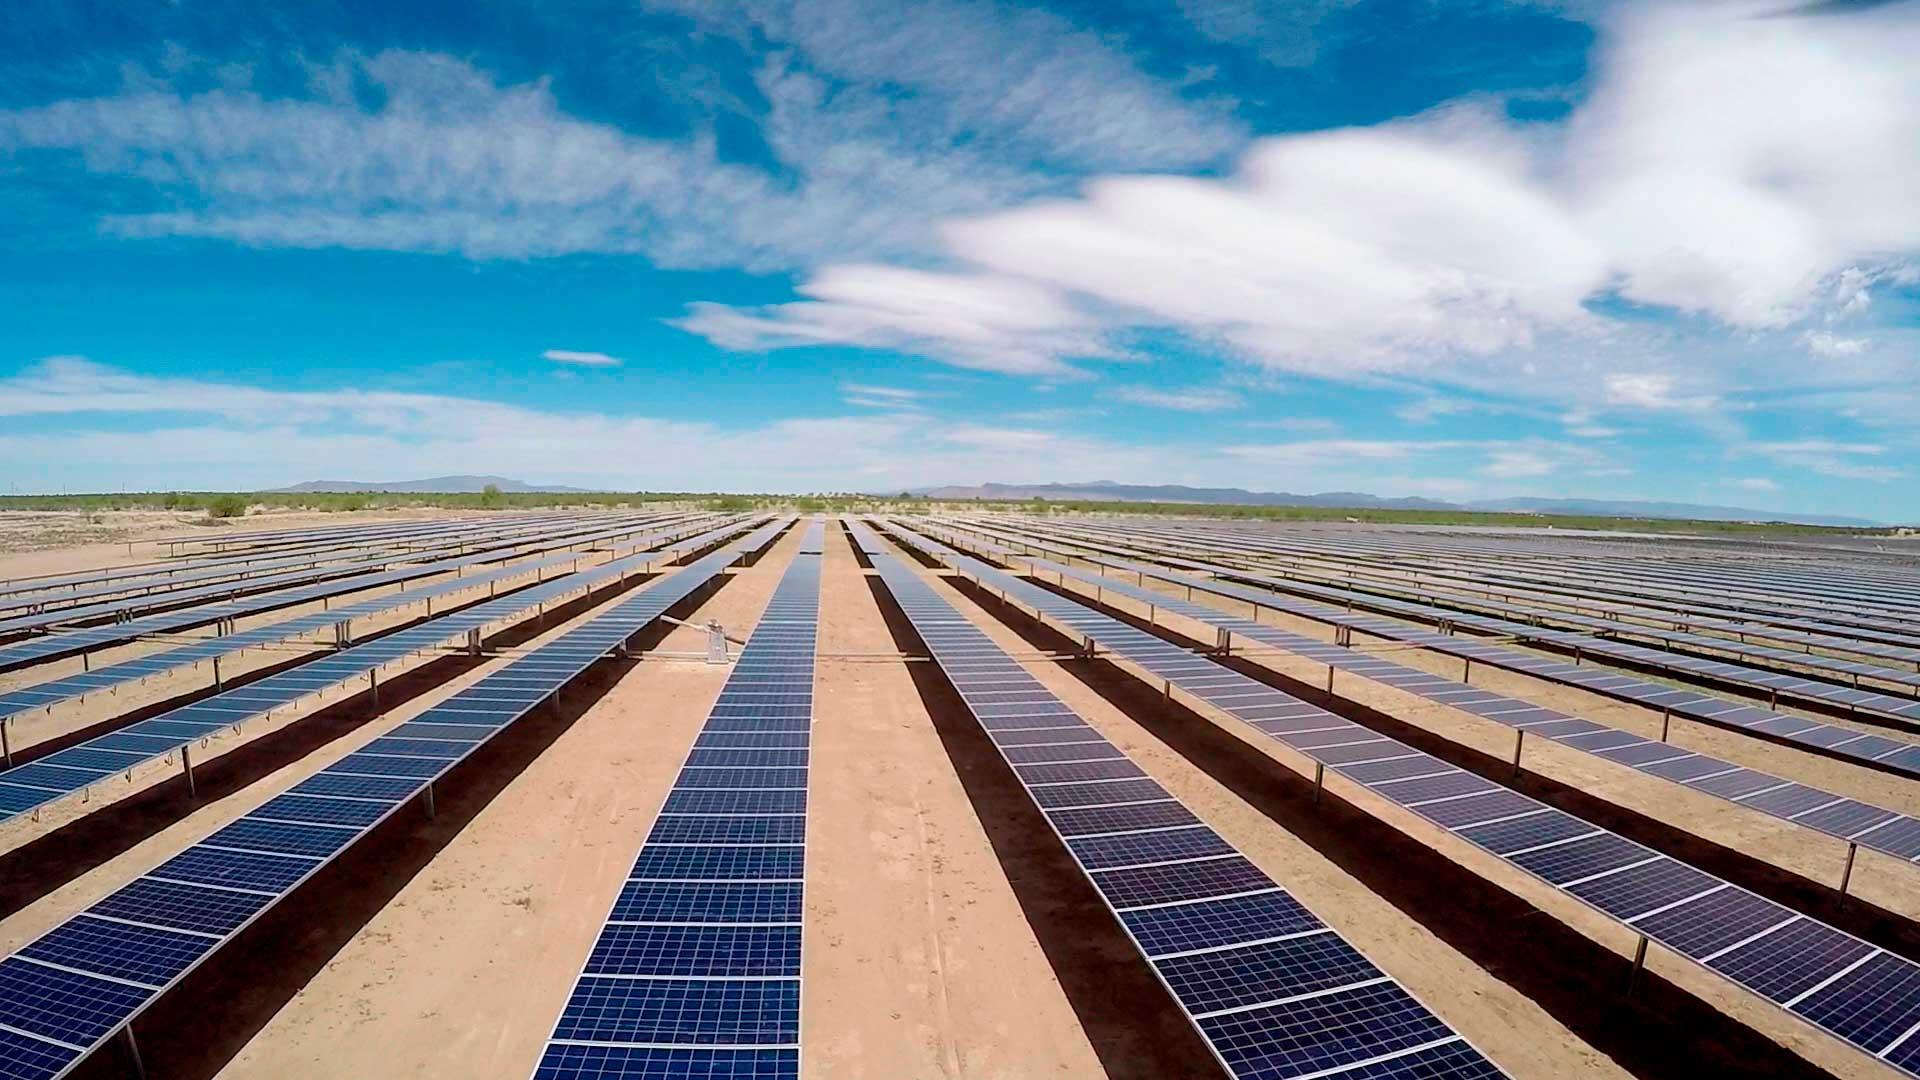 GRS-planta-fotovoltaica-mexico